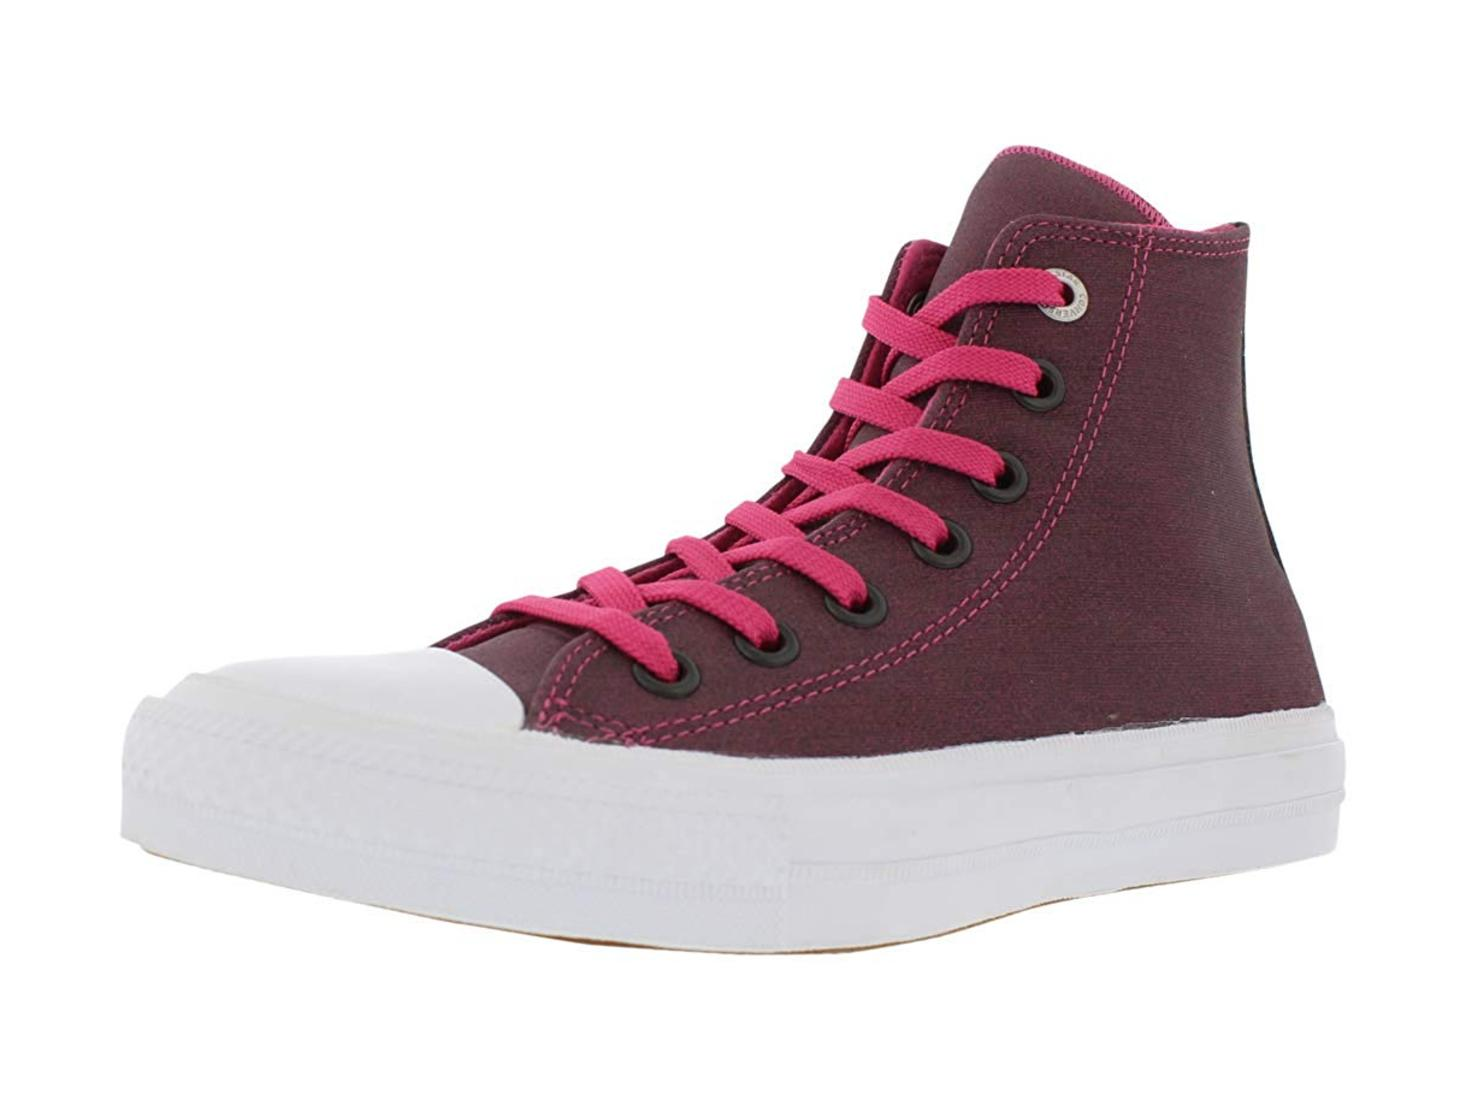 f61d24f1eb24ad Converse Chuck Taylor II Hi Athletic Shoes